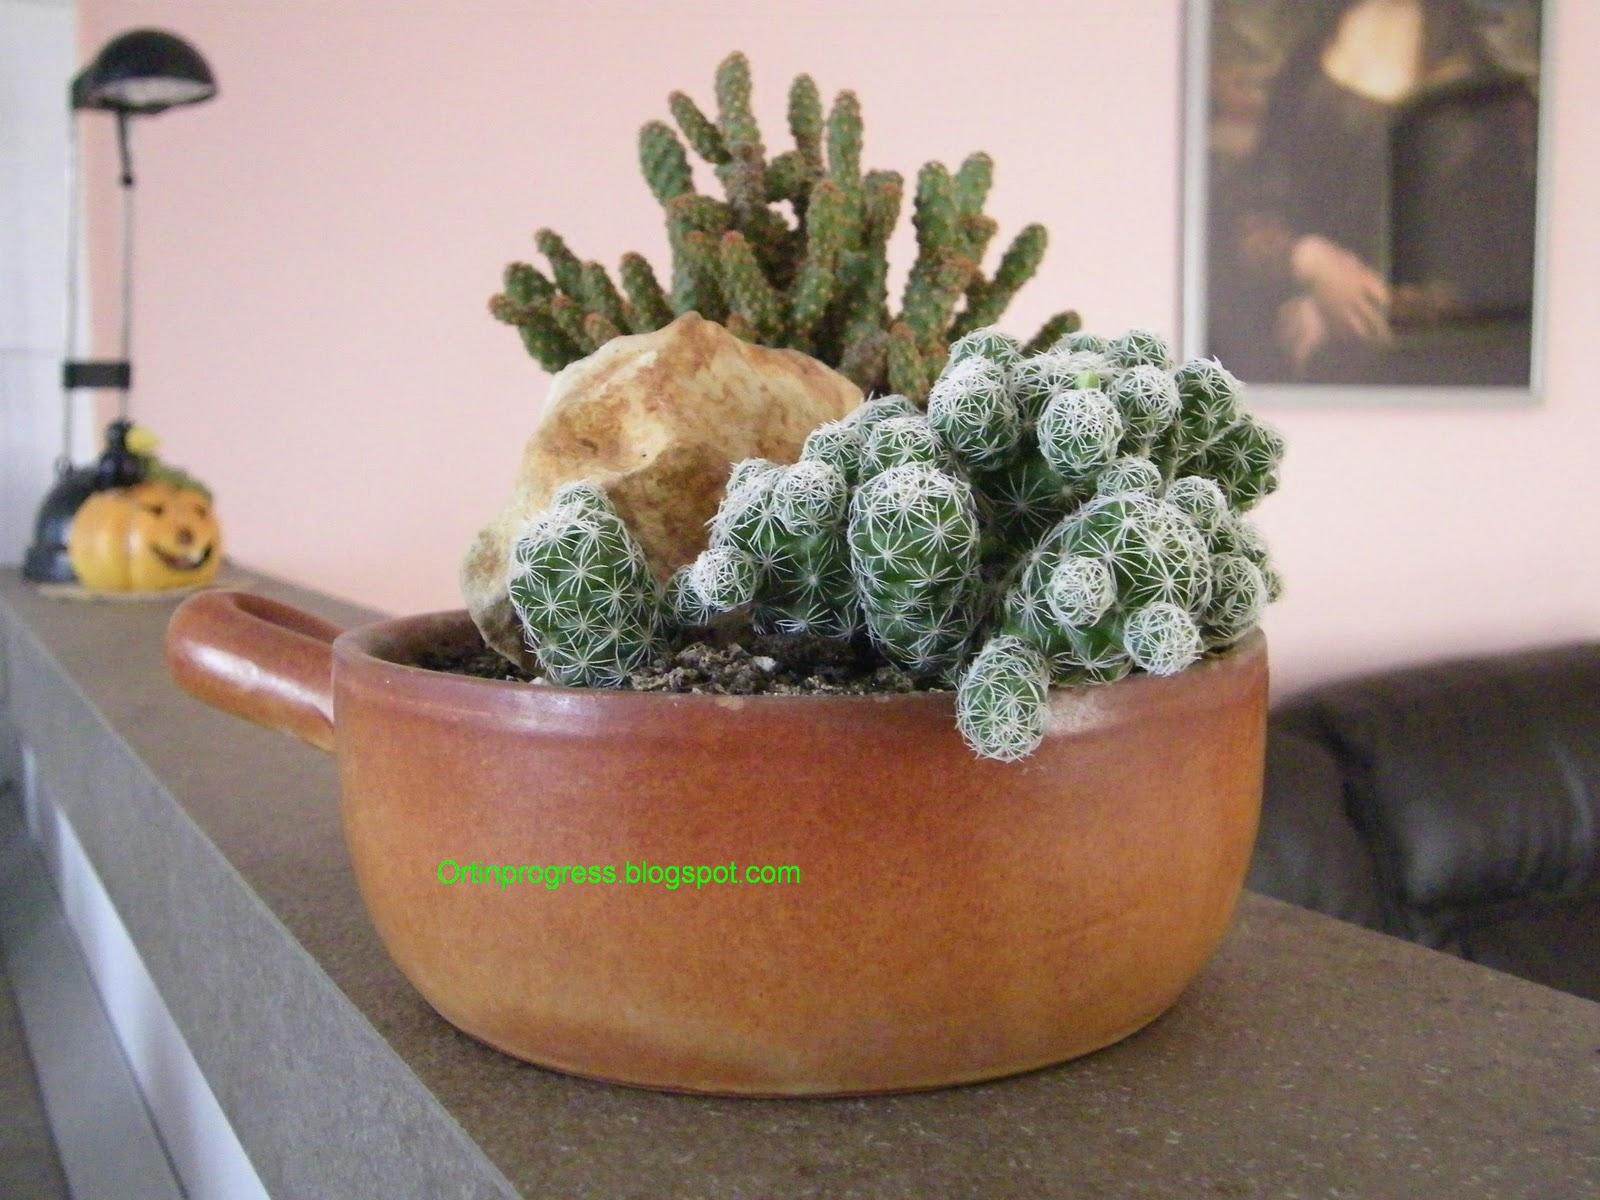 Orti in progress minuscoli giardini di cactus for Foto piante grasse particolari